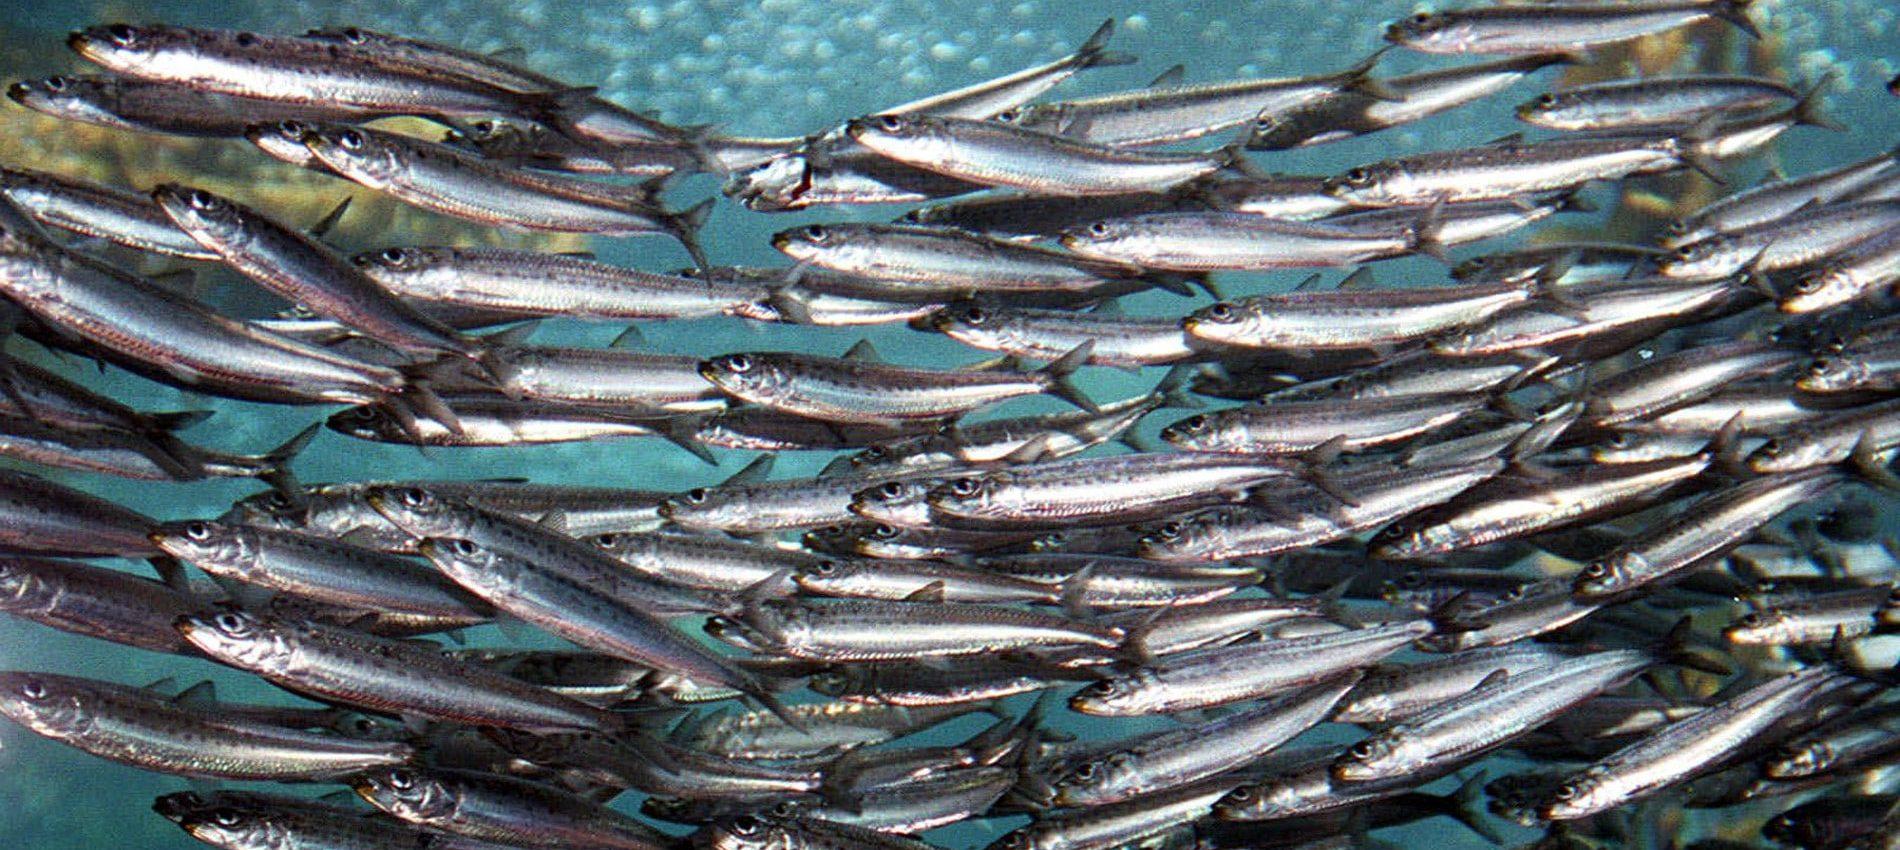 Sardine conserve des sardines l huile - Conserve de sardines maison ...